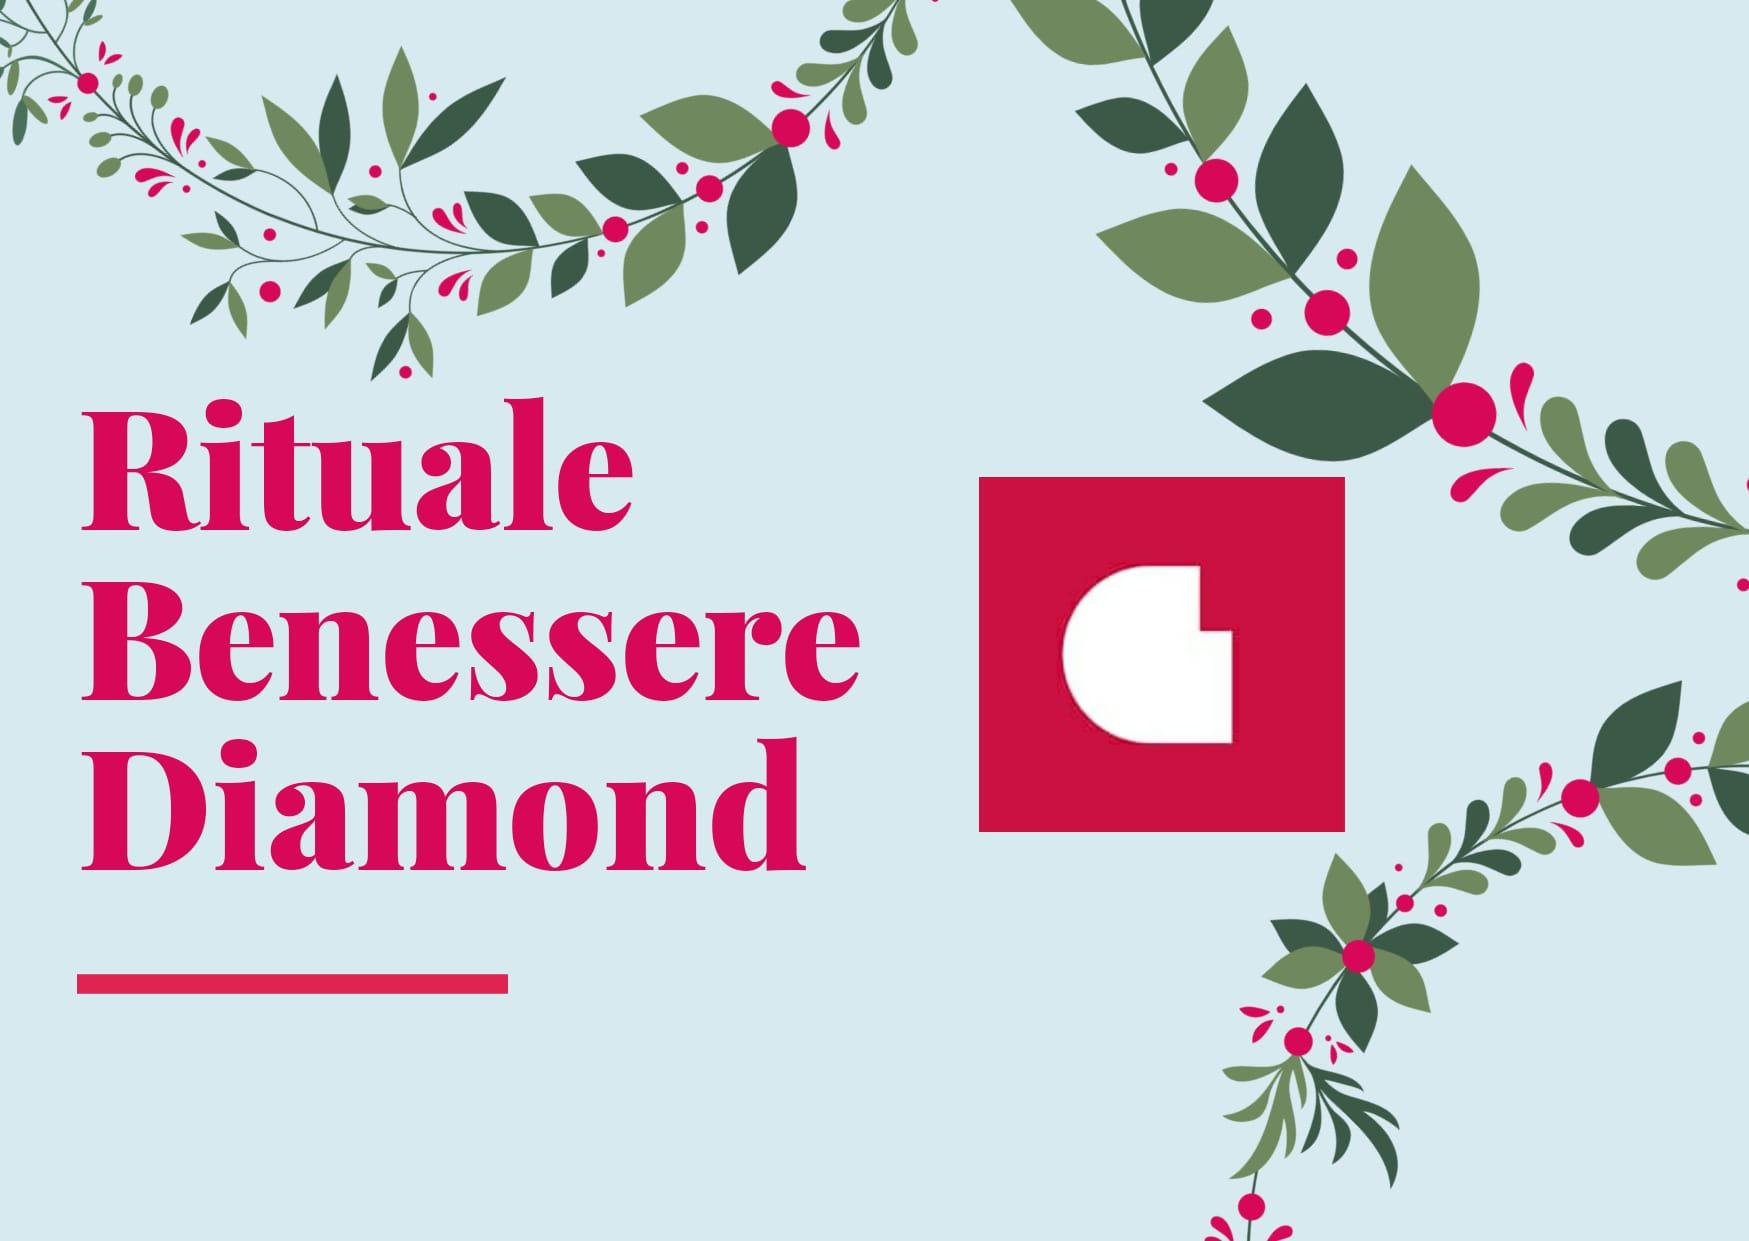 rituale-benessere-diamond